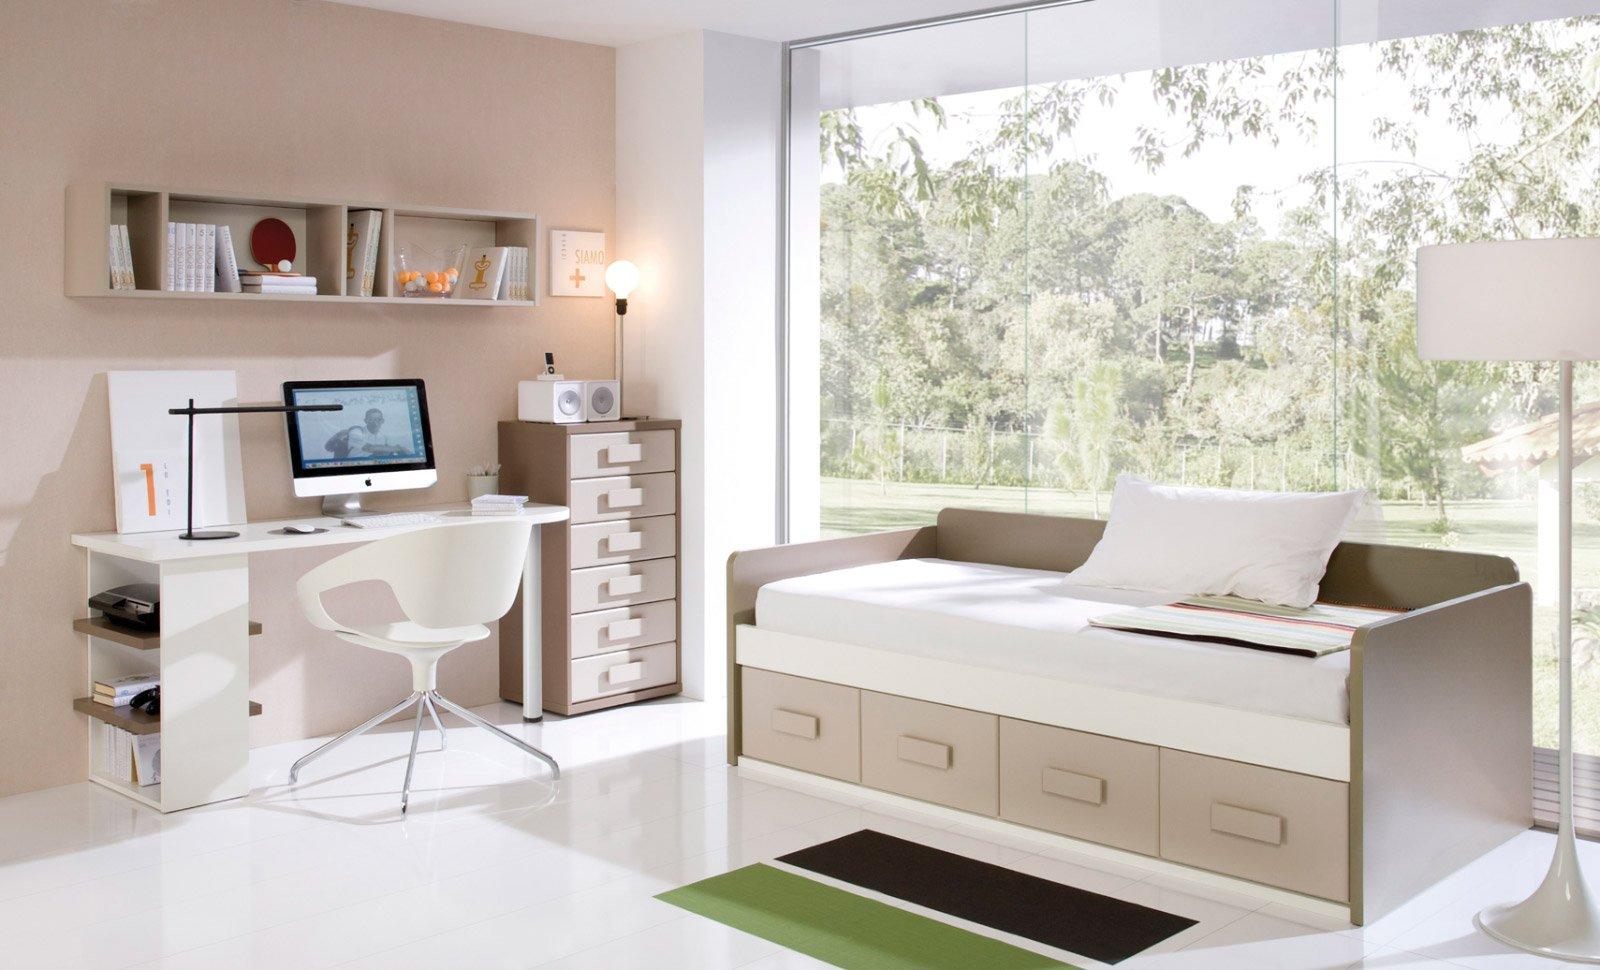 como decorar una habitaci n juvenil decoraci n del hogar On como decorar tu habitacion juvenil